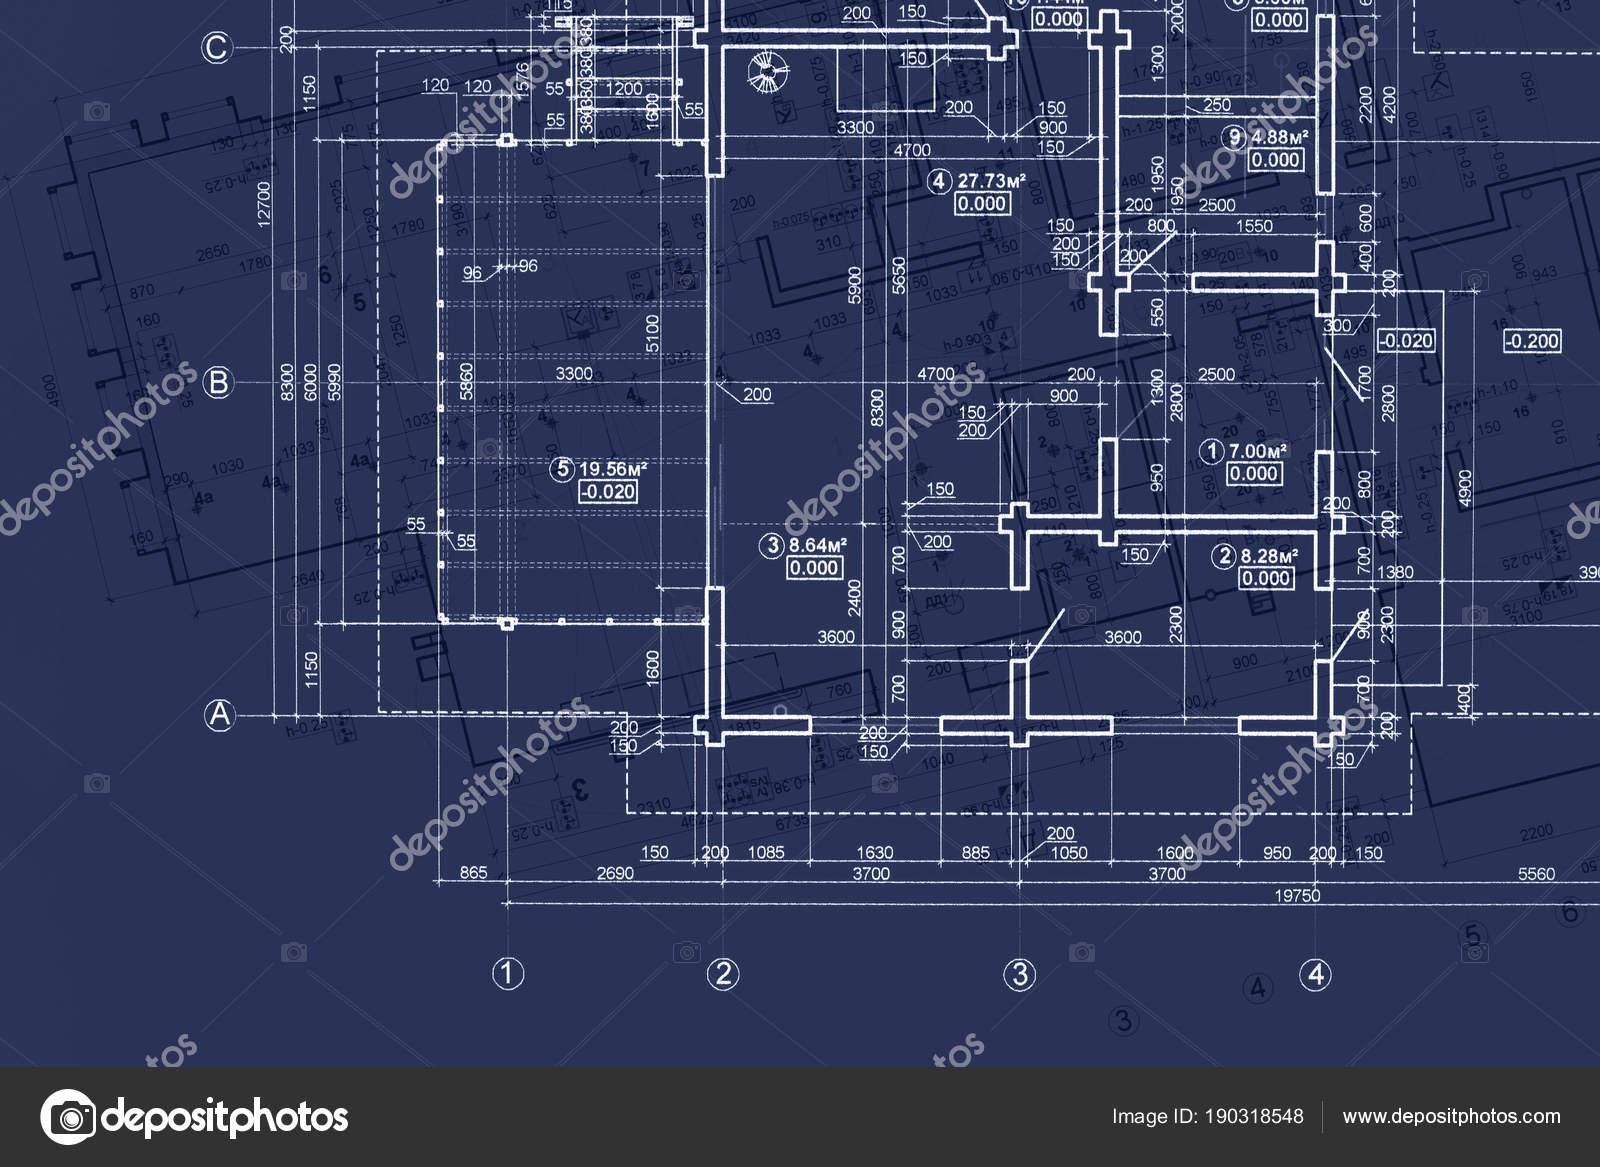 House blueprint on architects desk engineering drawings and plans house blueprint on architects desk engineering drawings and plans on blue background stock photo malvernweather Images